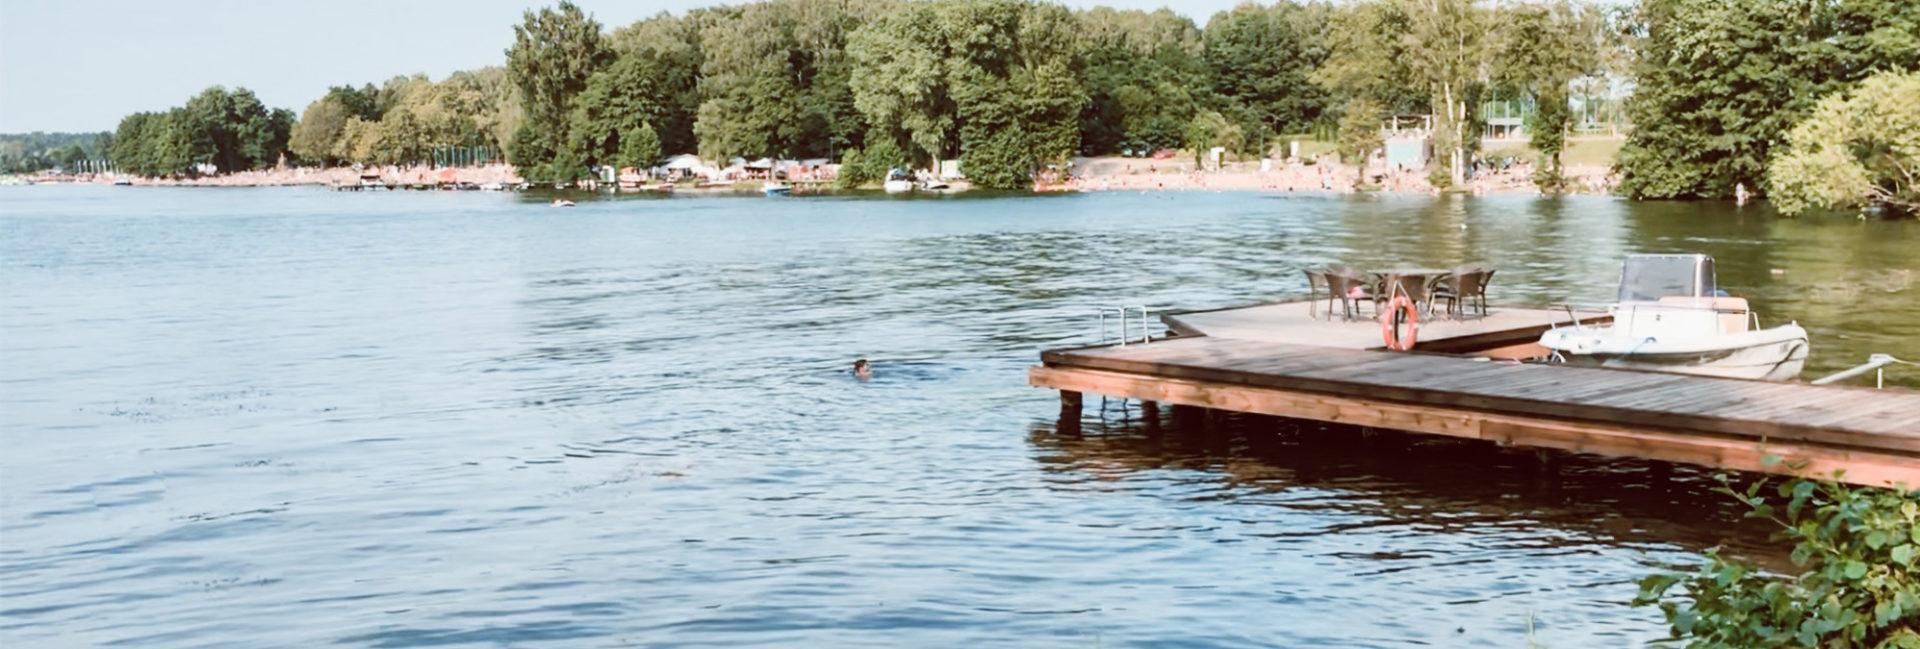 Olsztyn kąpielisko jezioro Ukiel